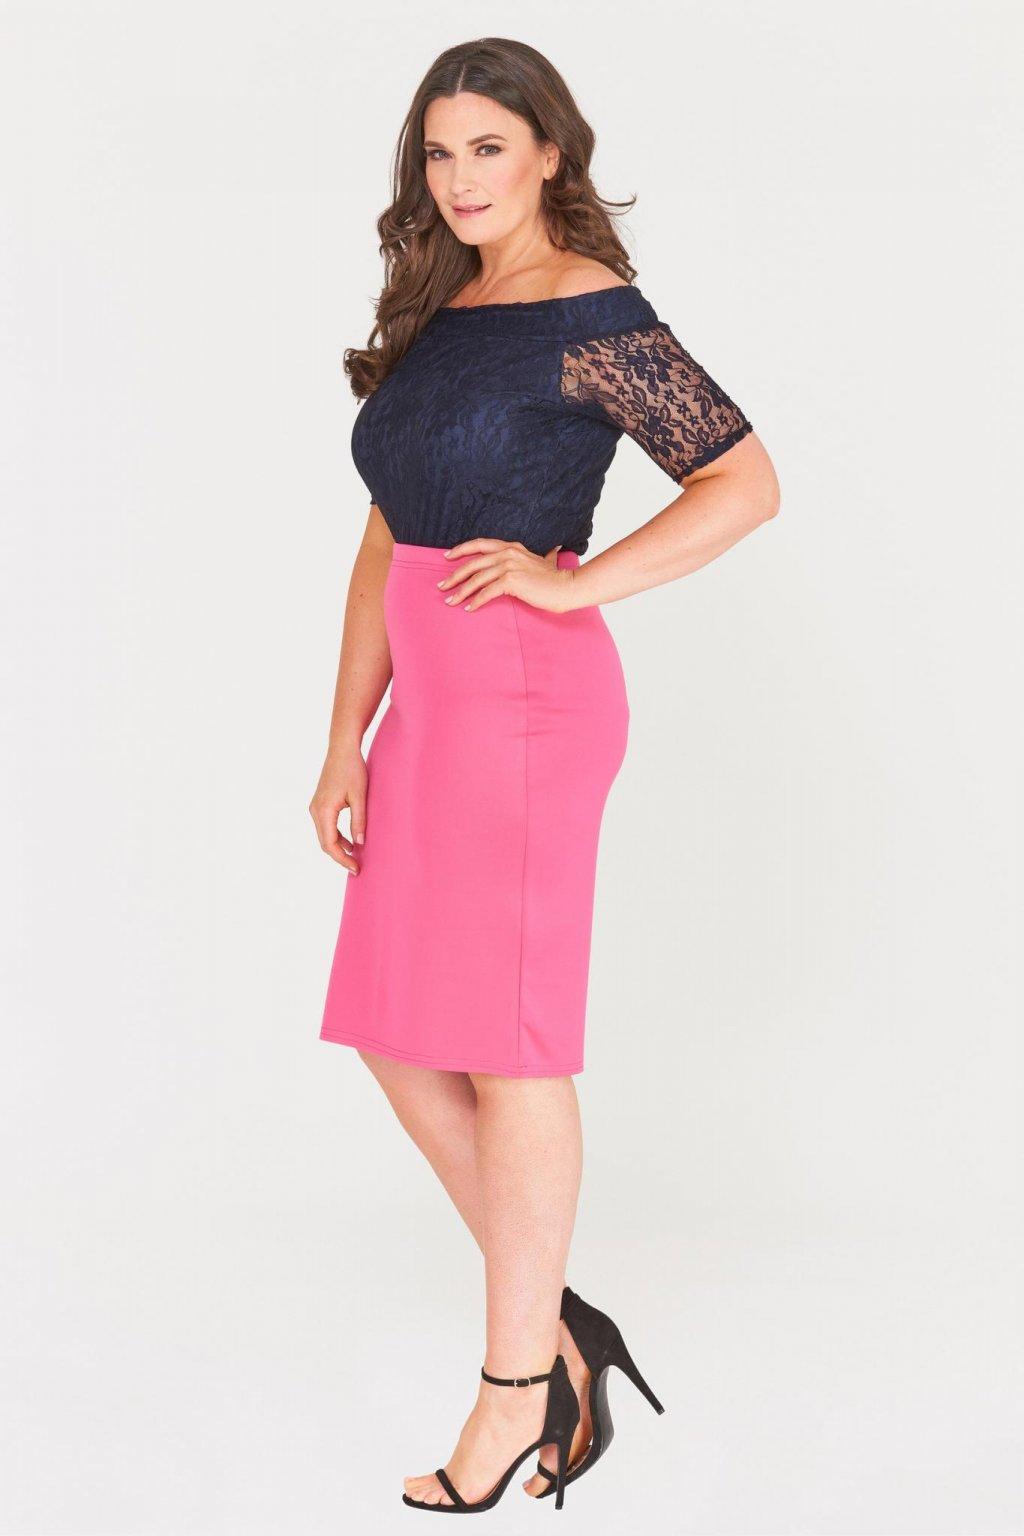 Klasická sukně Mac růžová - Bellazu.cz 35b35925c5